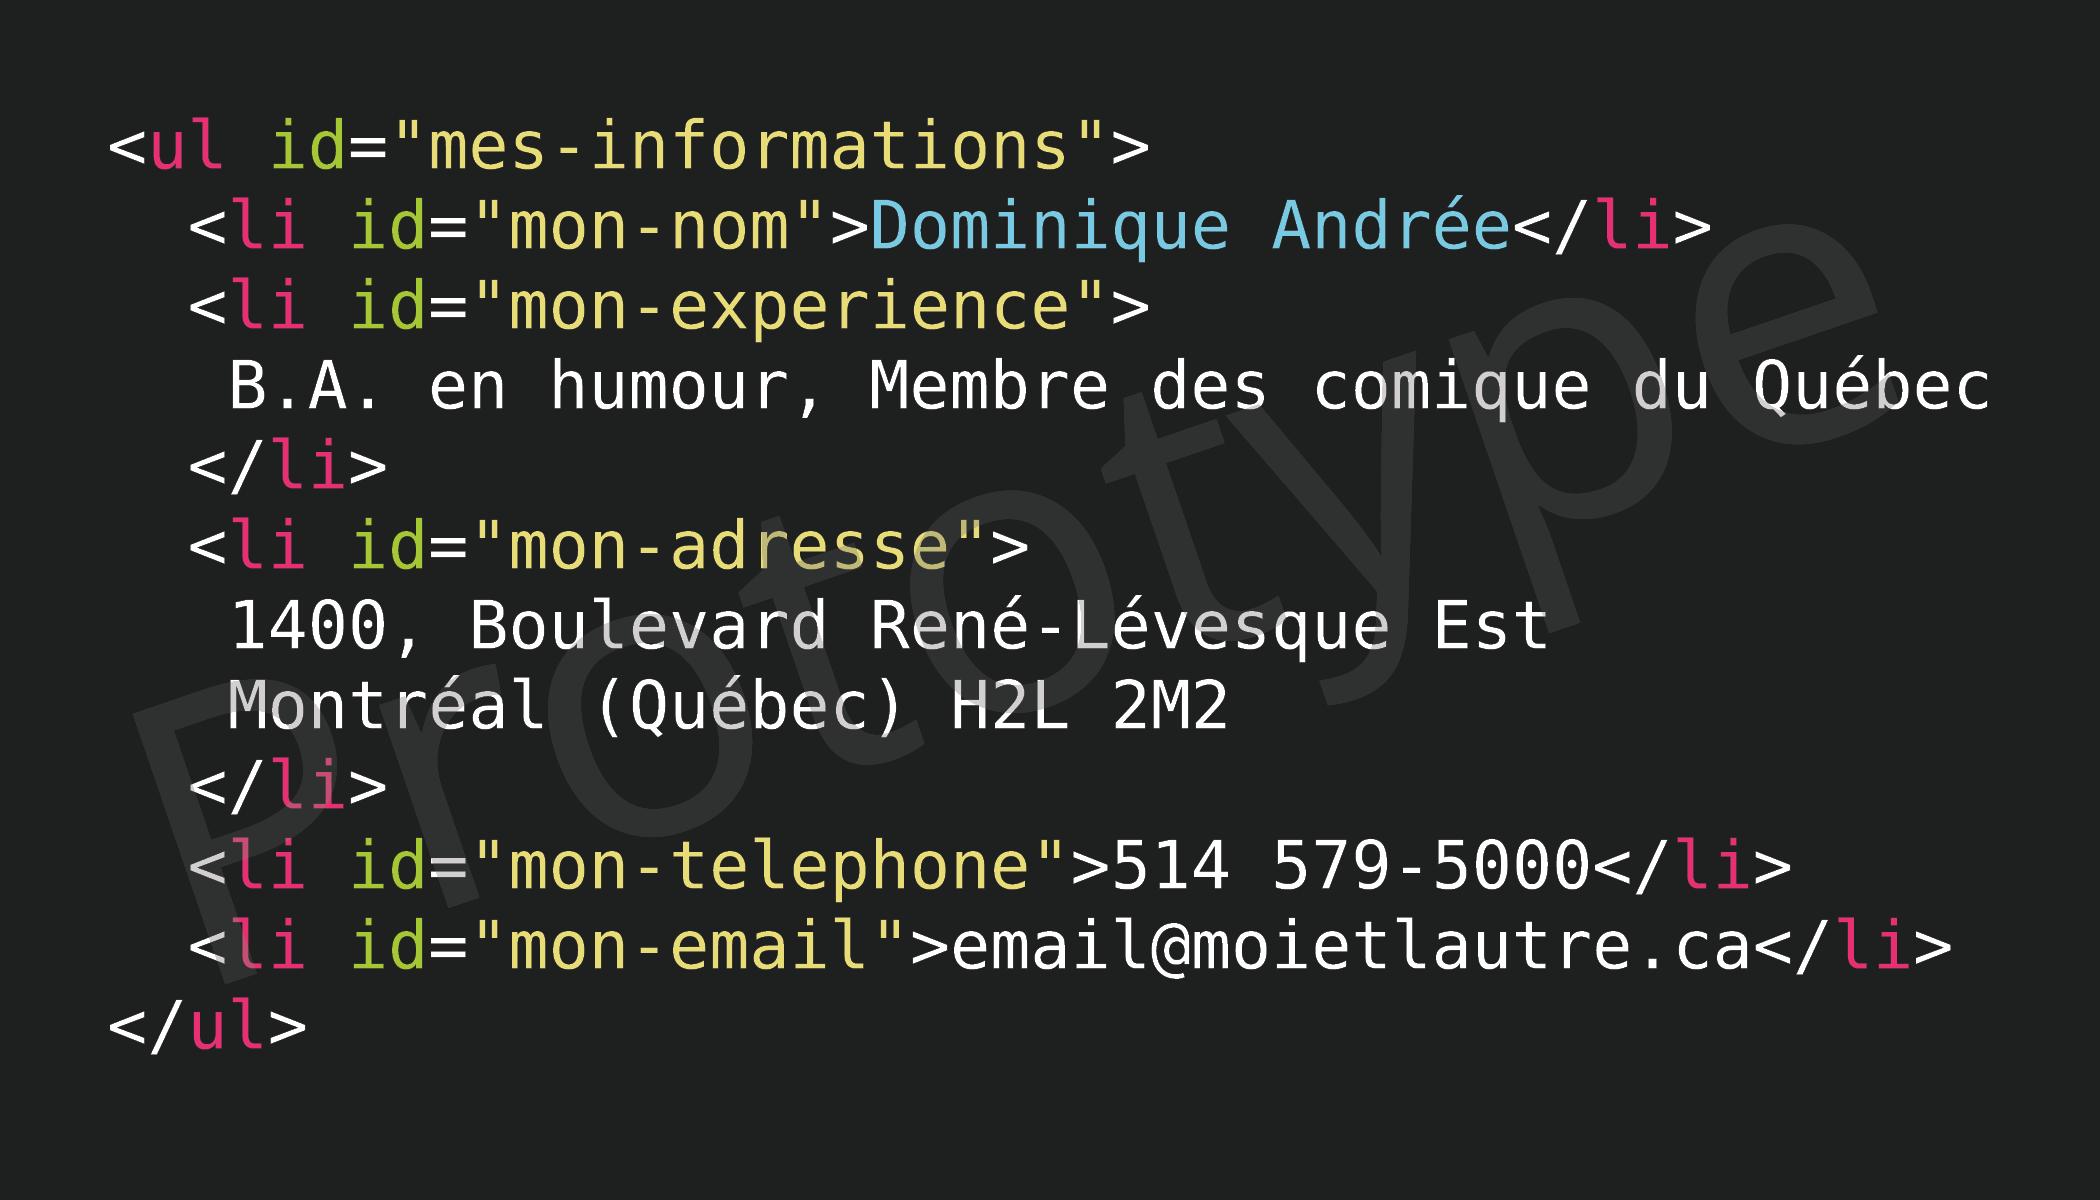 Modèle de carte d'affaire appelée « macarte.html ».